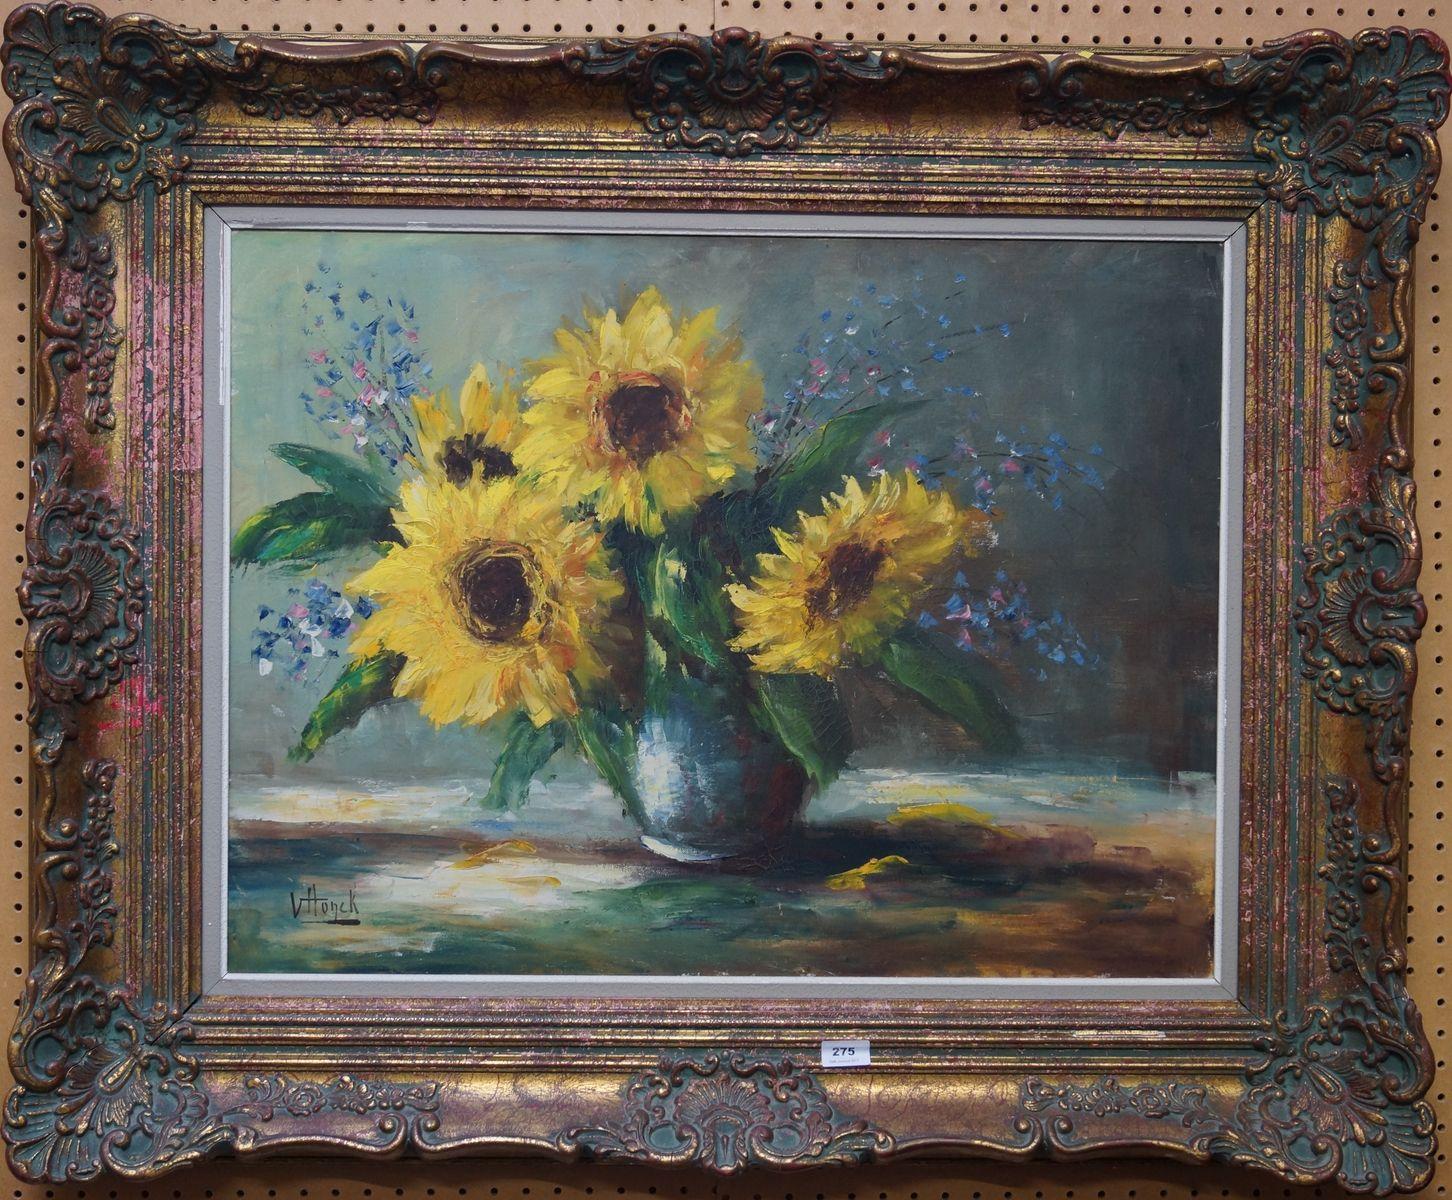 Belgische school, V. Honck l.o. gesigneerd, olieverf op doek, stilleven met zonnebloemen in vaas